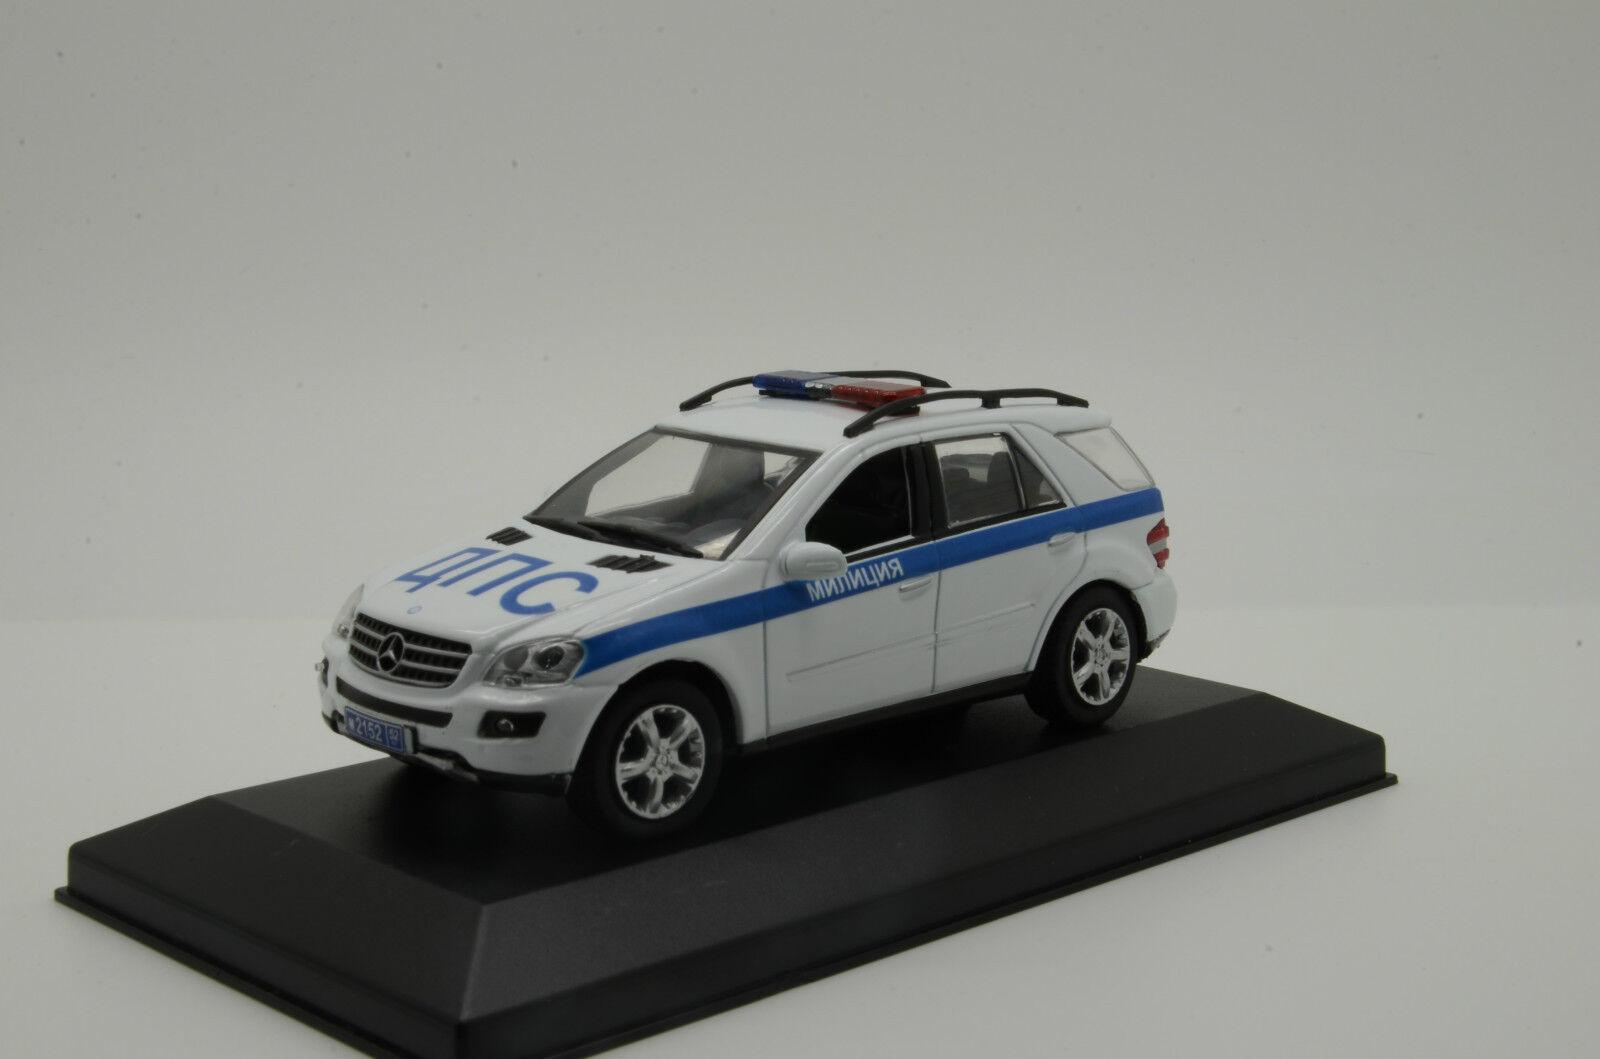 rara Mercedes ML milicya ruso coche de policía Hecho a Medida 1/43